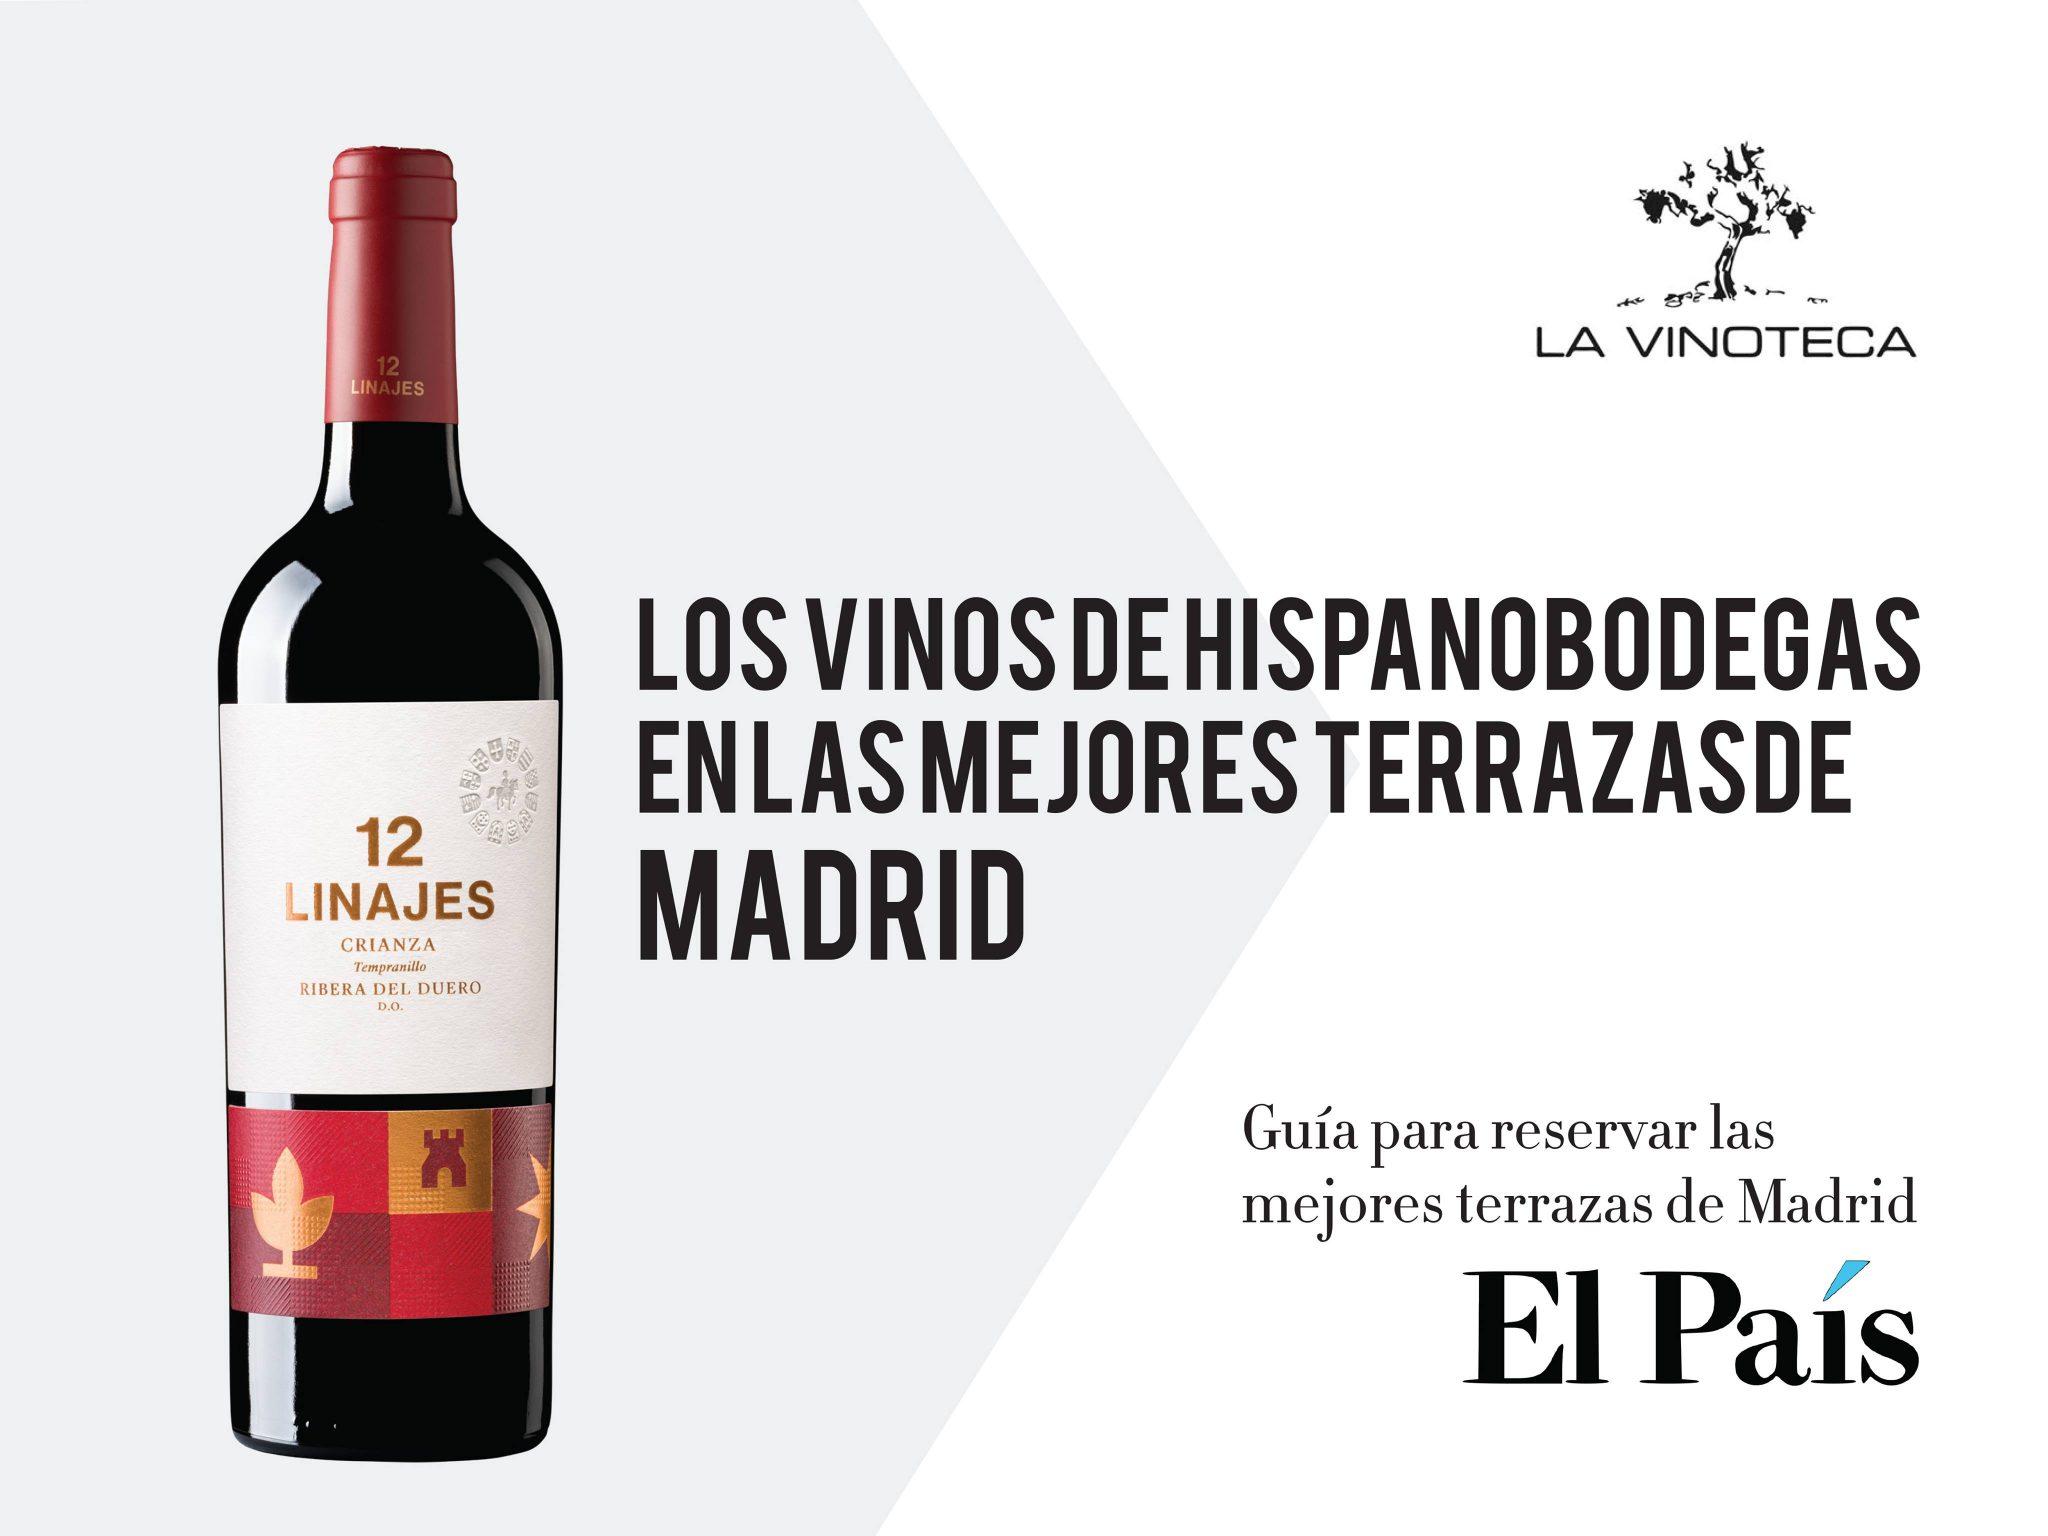 Las mejores terrazas de Madrid sirven vinos de Hispanobodegas